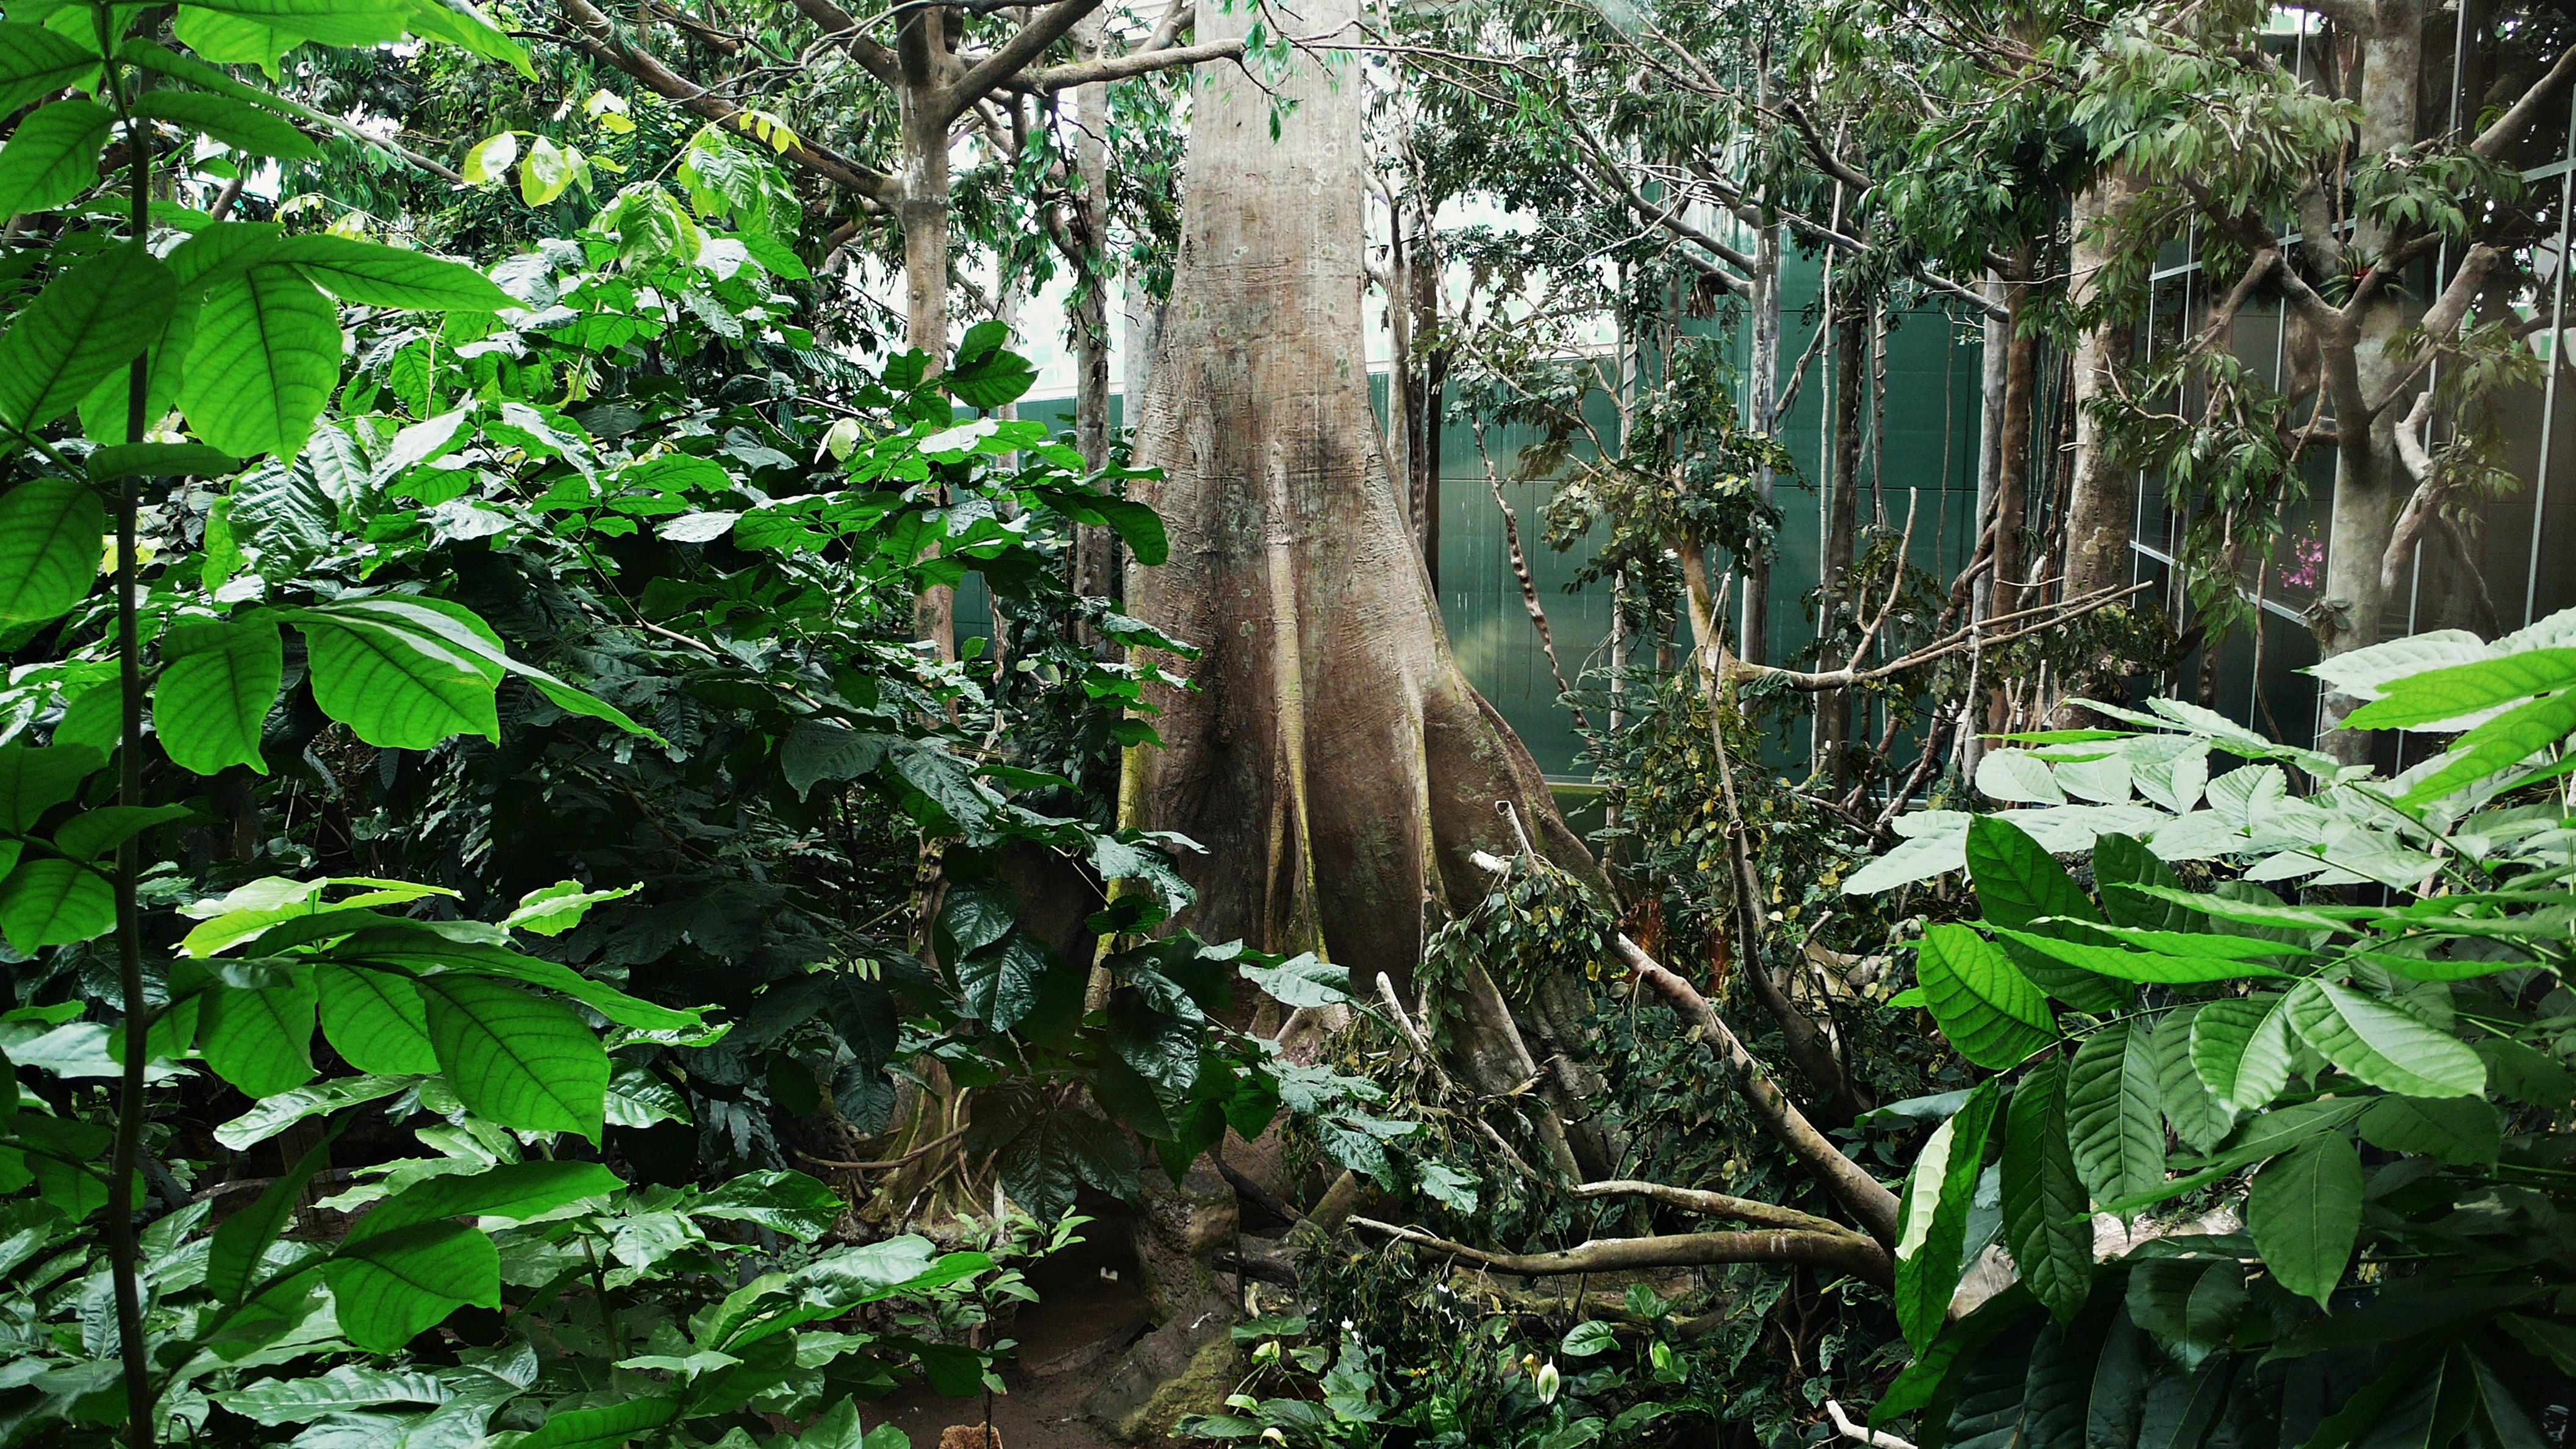 El_bosque_inundado_amazonico-cosmocaixa-2009_(2)